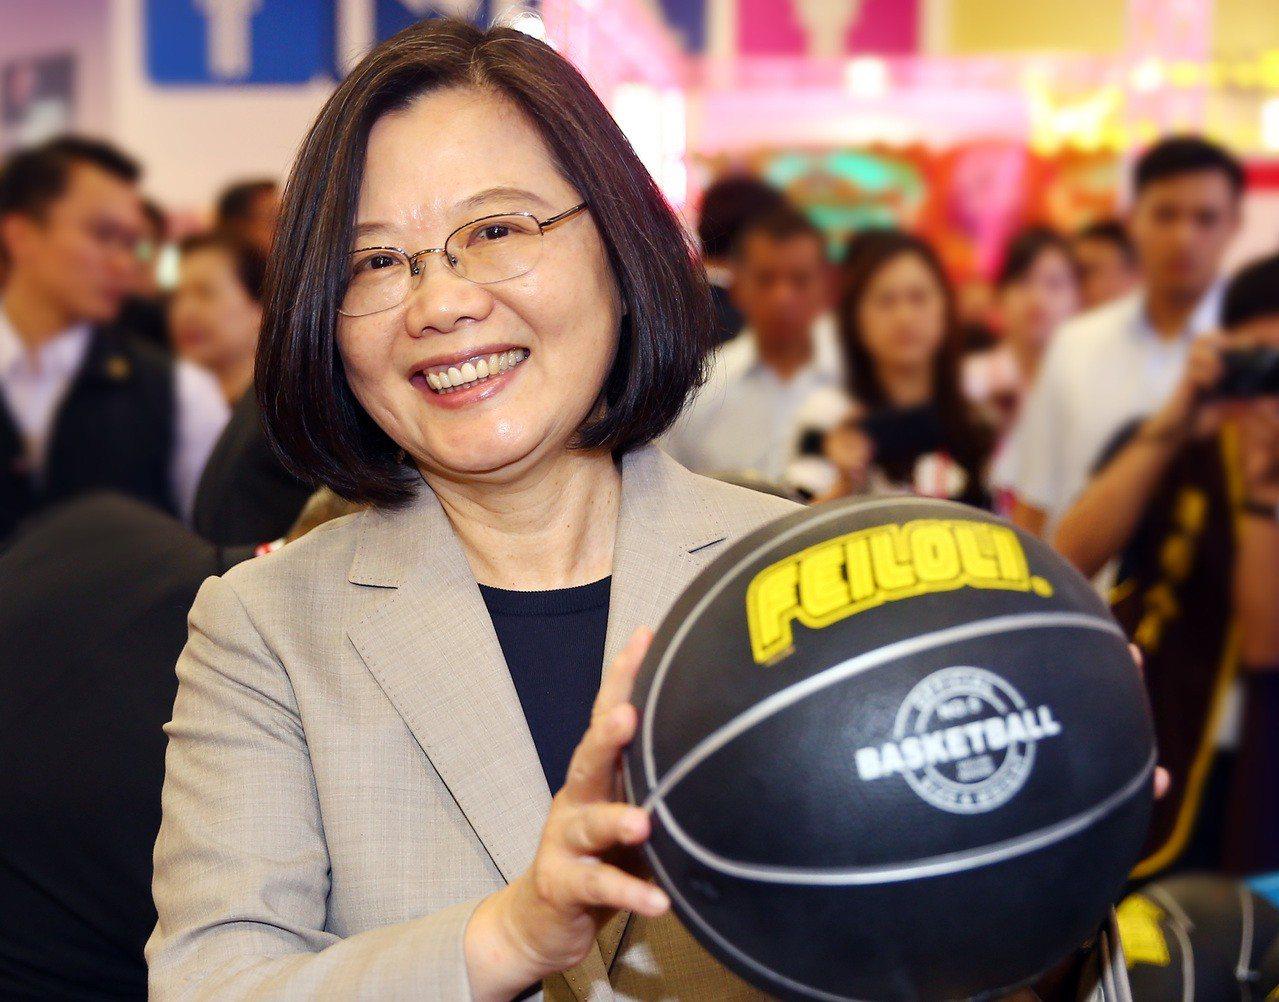 蔡英文總統上午前往台北世貿參觀台灣電子遊戲機國際產業展,蔡總統在開幕式後走到展示...